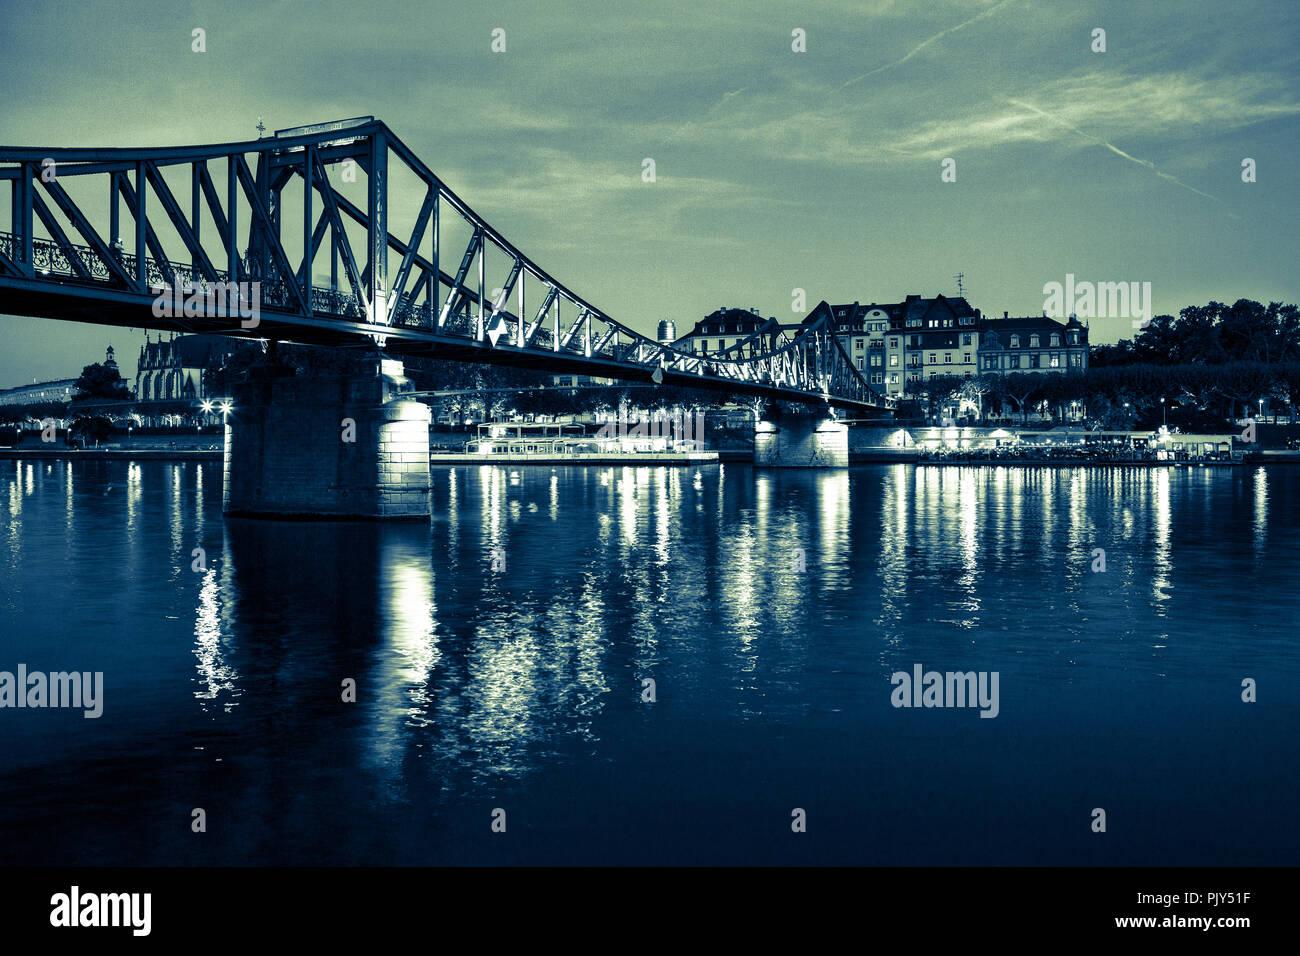 Europa Deutschland Hessen Rhein-Main Frankfurt am Main bei Nacht Eiserner Steg crossentwicklung Stockbild